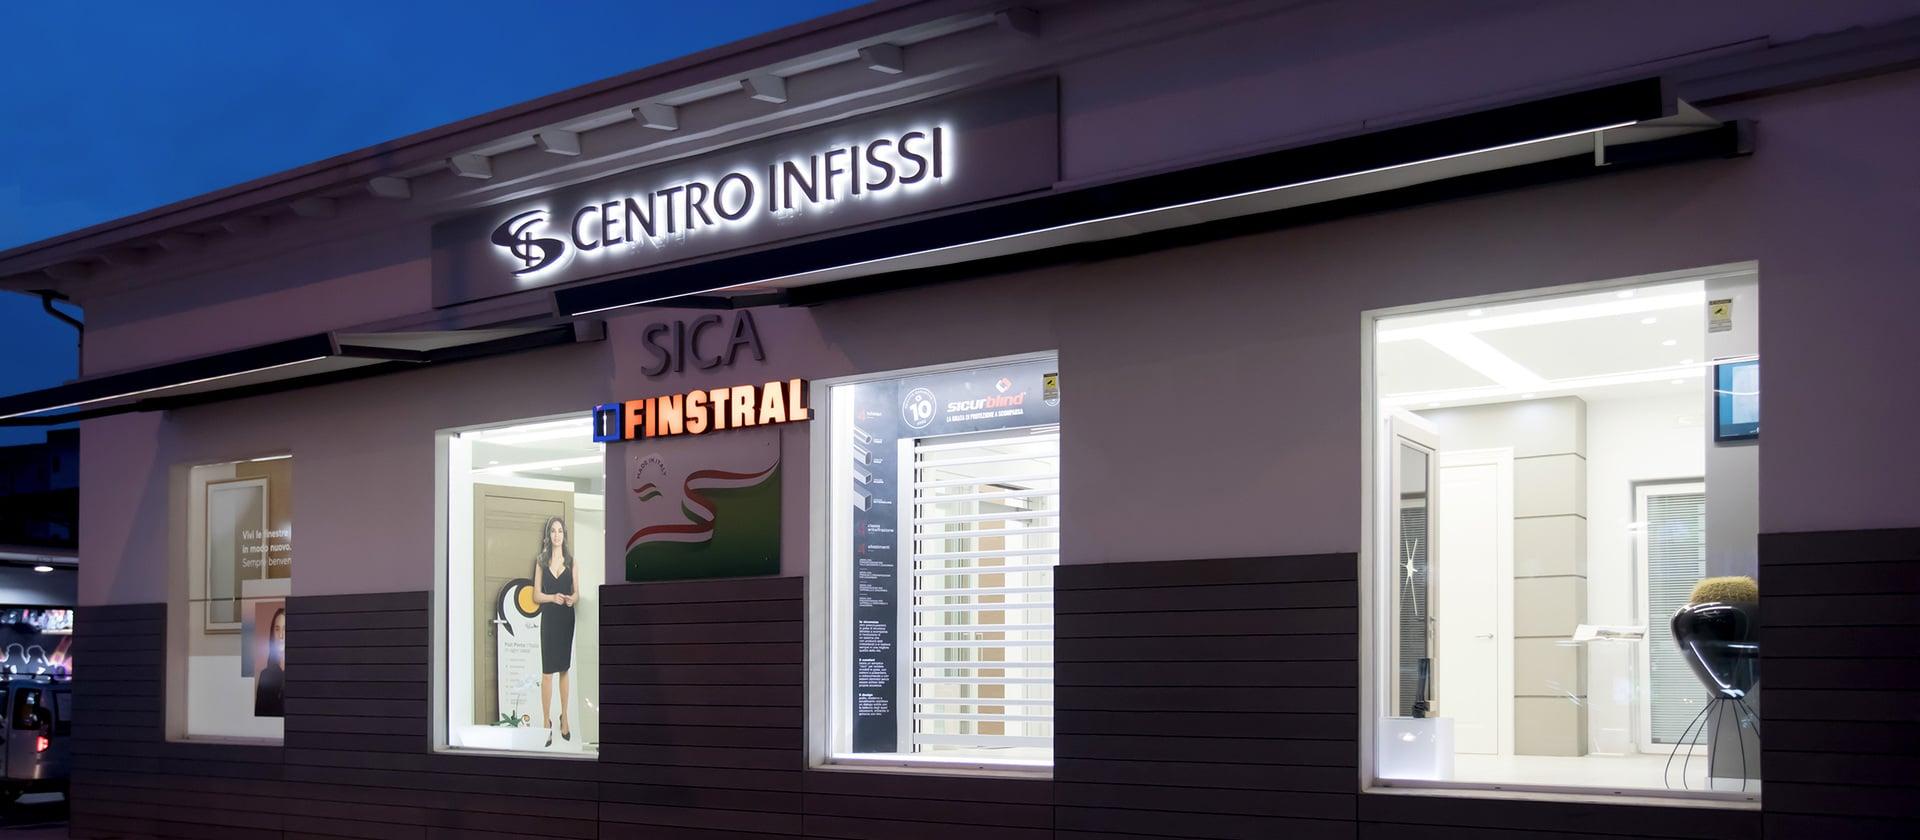 Centro Infissi Sica